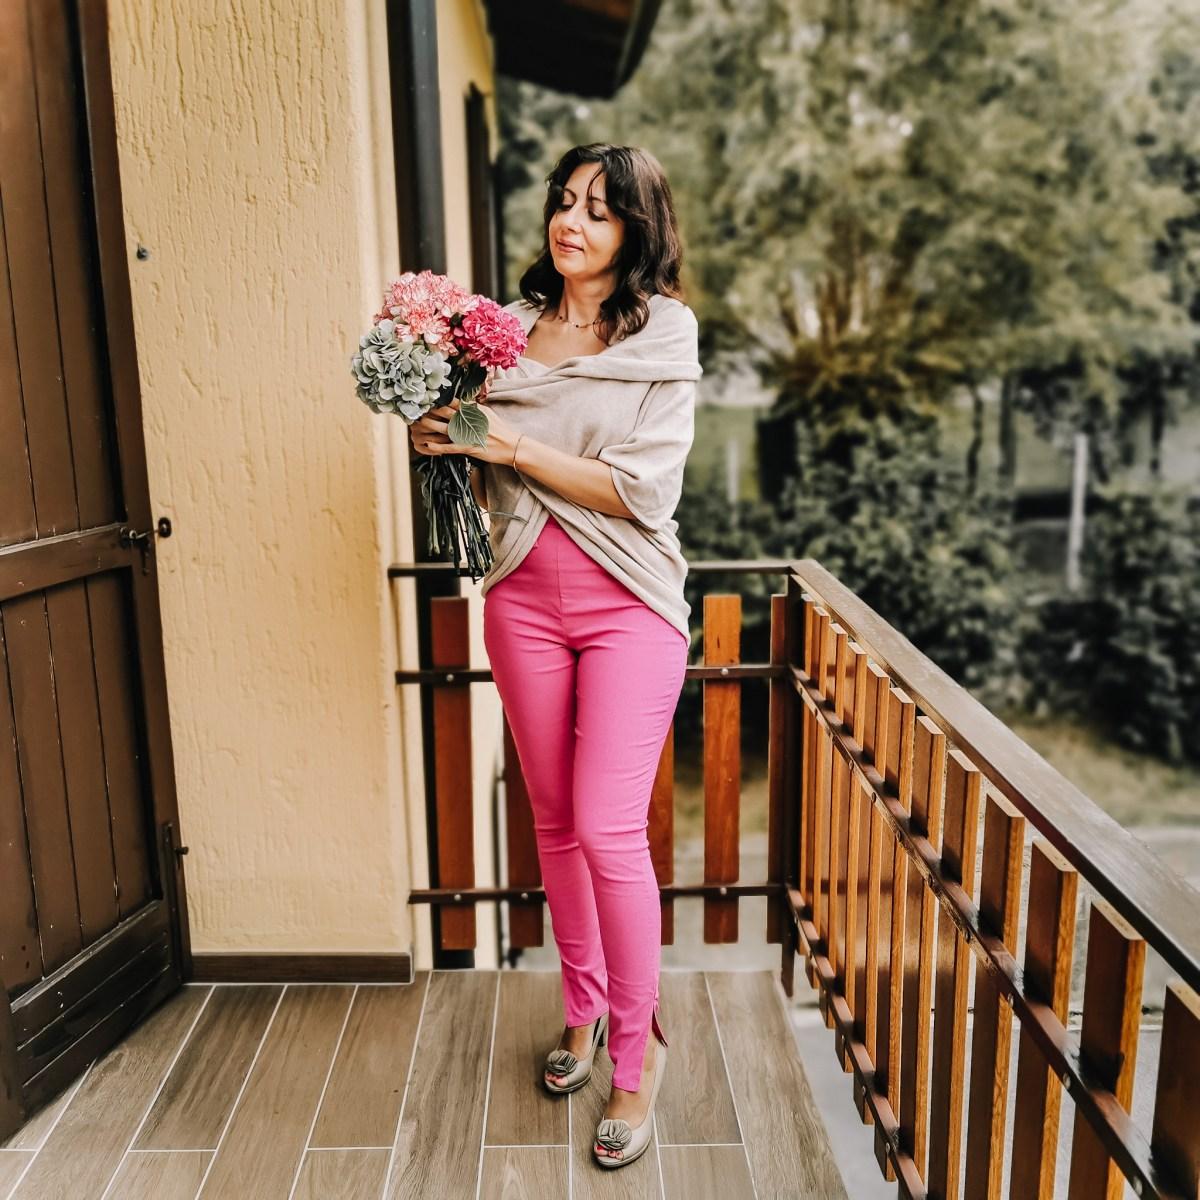 Colori Da Abbinare Al Rosa come abbinare i colori: il fucsia - the fashion cherry diary